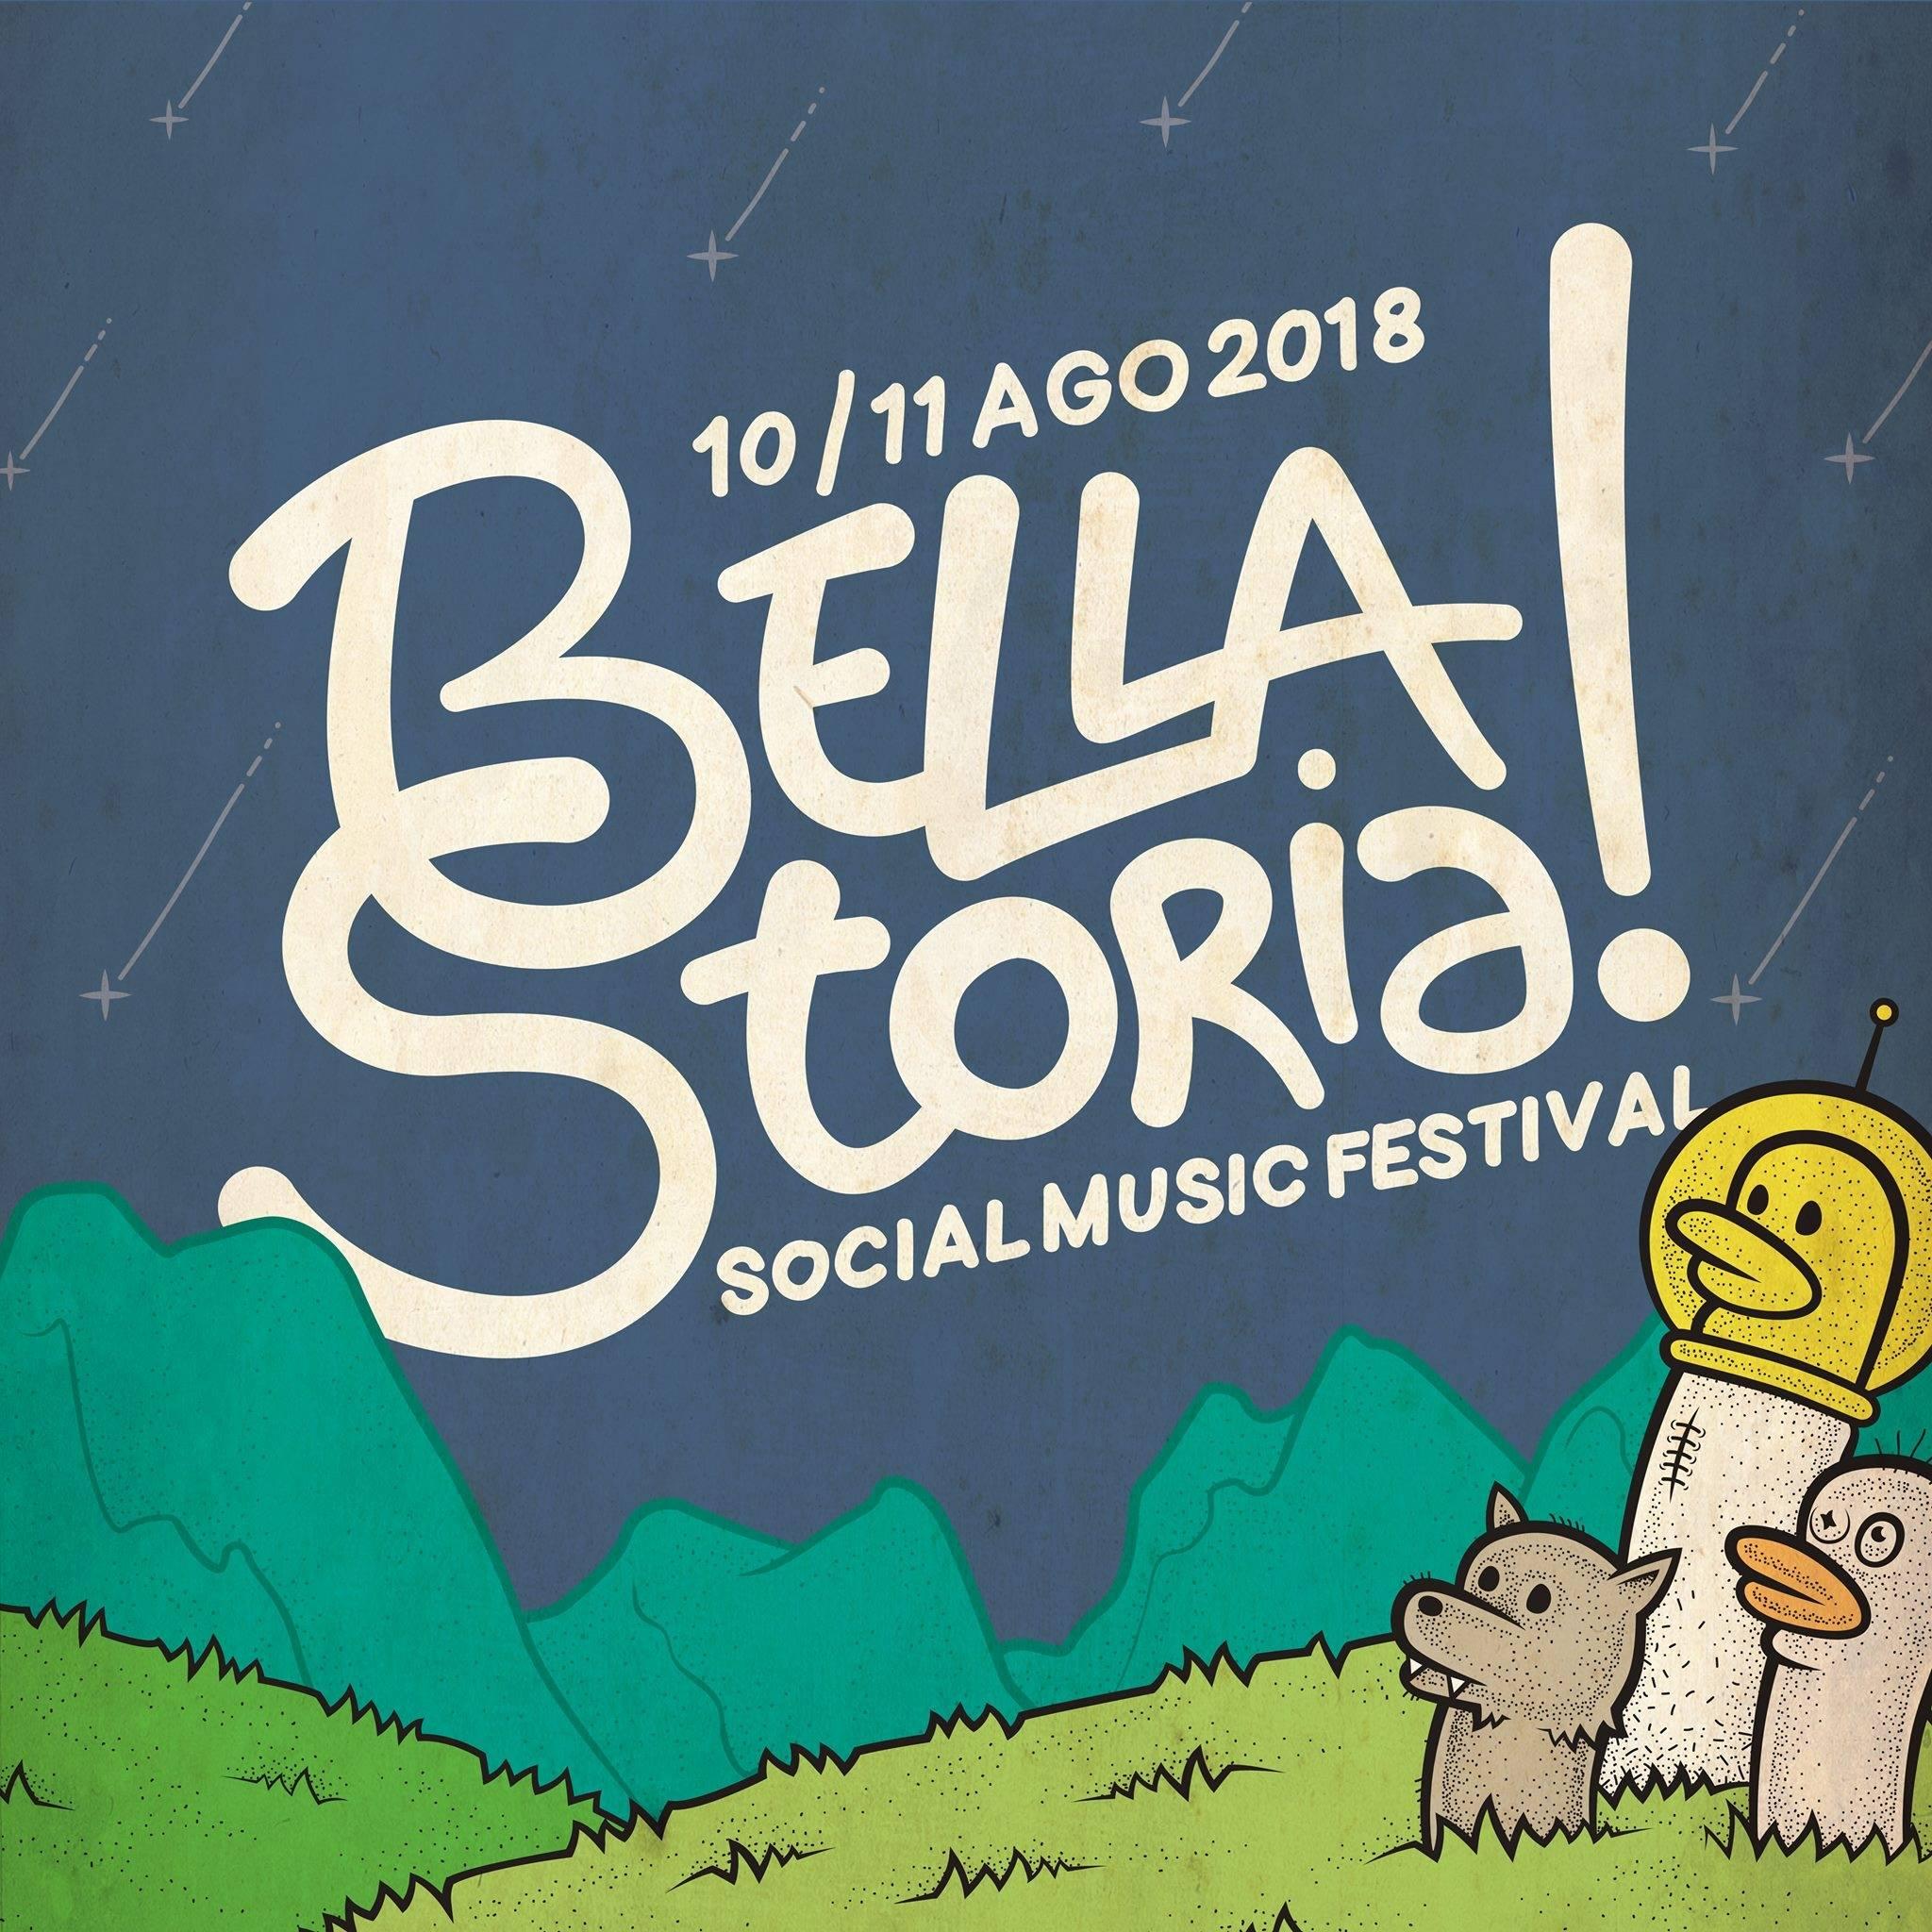 """The Jackal presentano """"Bella Storia-Social Music Festival"""" - l'evento cult della scena indie italiana"""